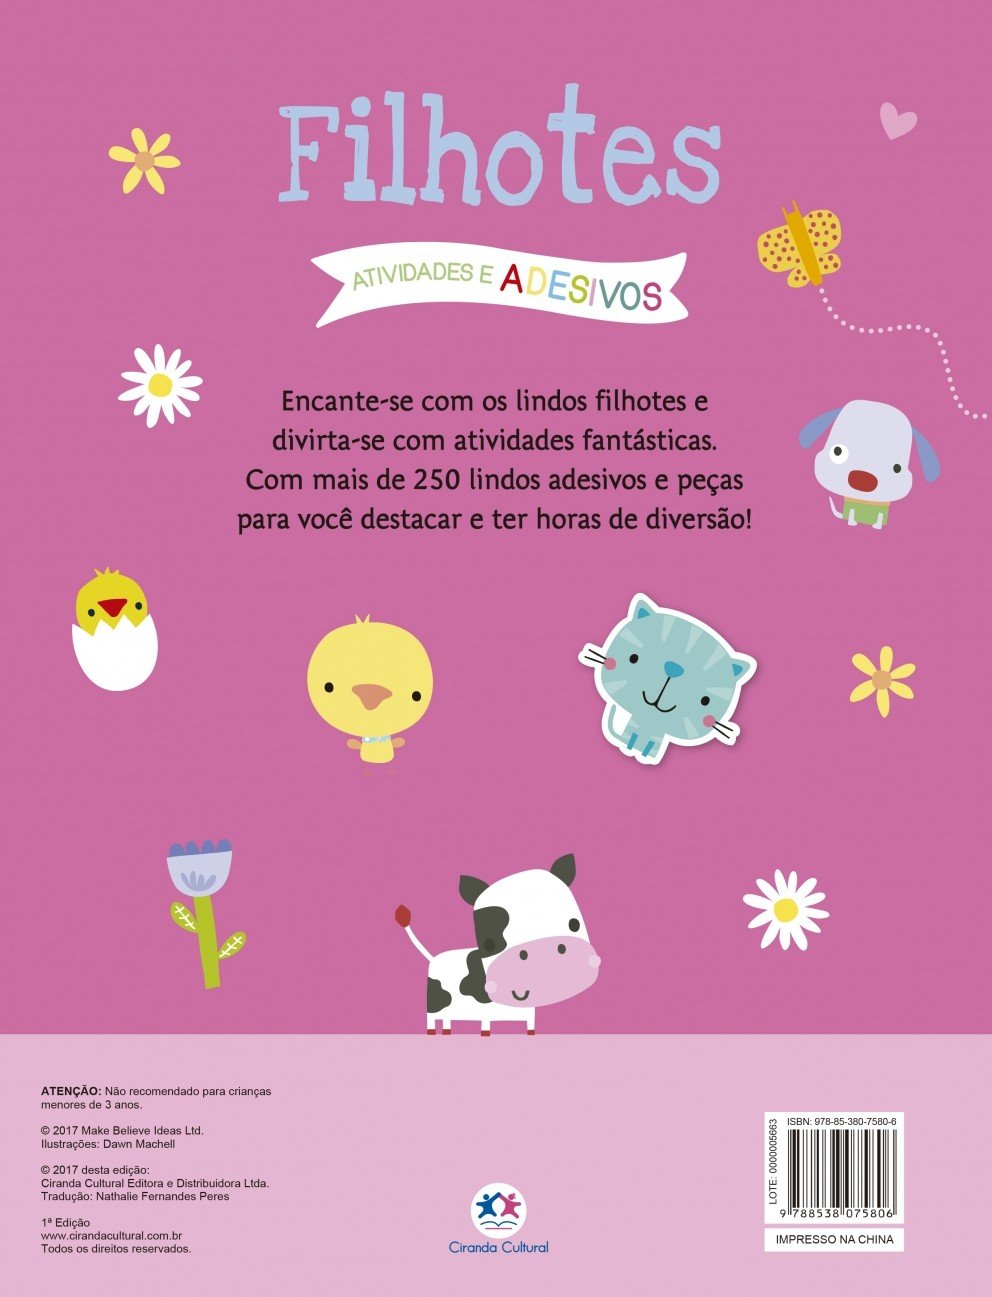 ad0fbb9cb03 Filhotes  com Mais de 250 Adesivos e Peças Para Destacar! - 9788538075806 -  Livros na Amazon Brasil